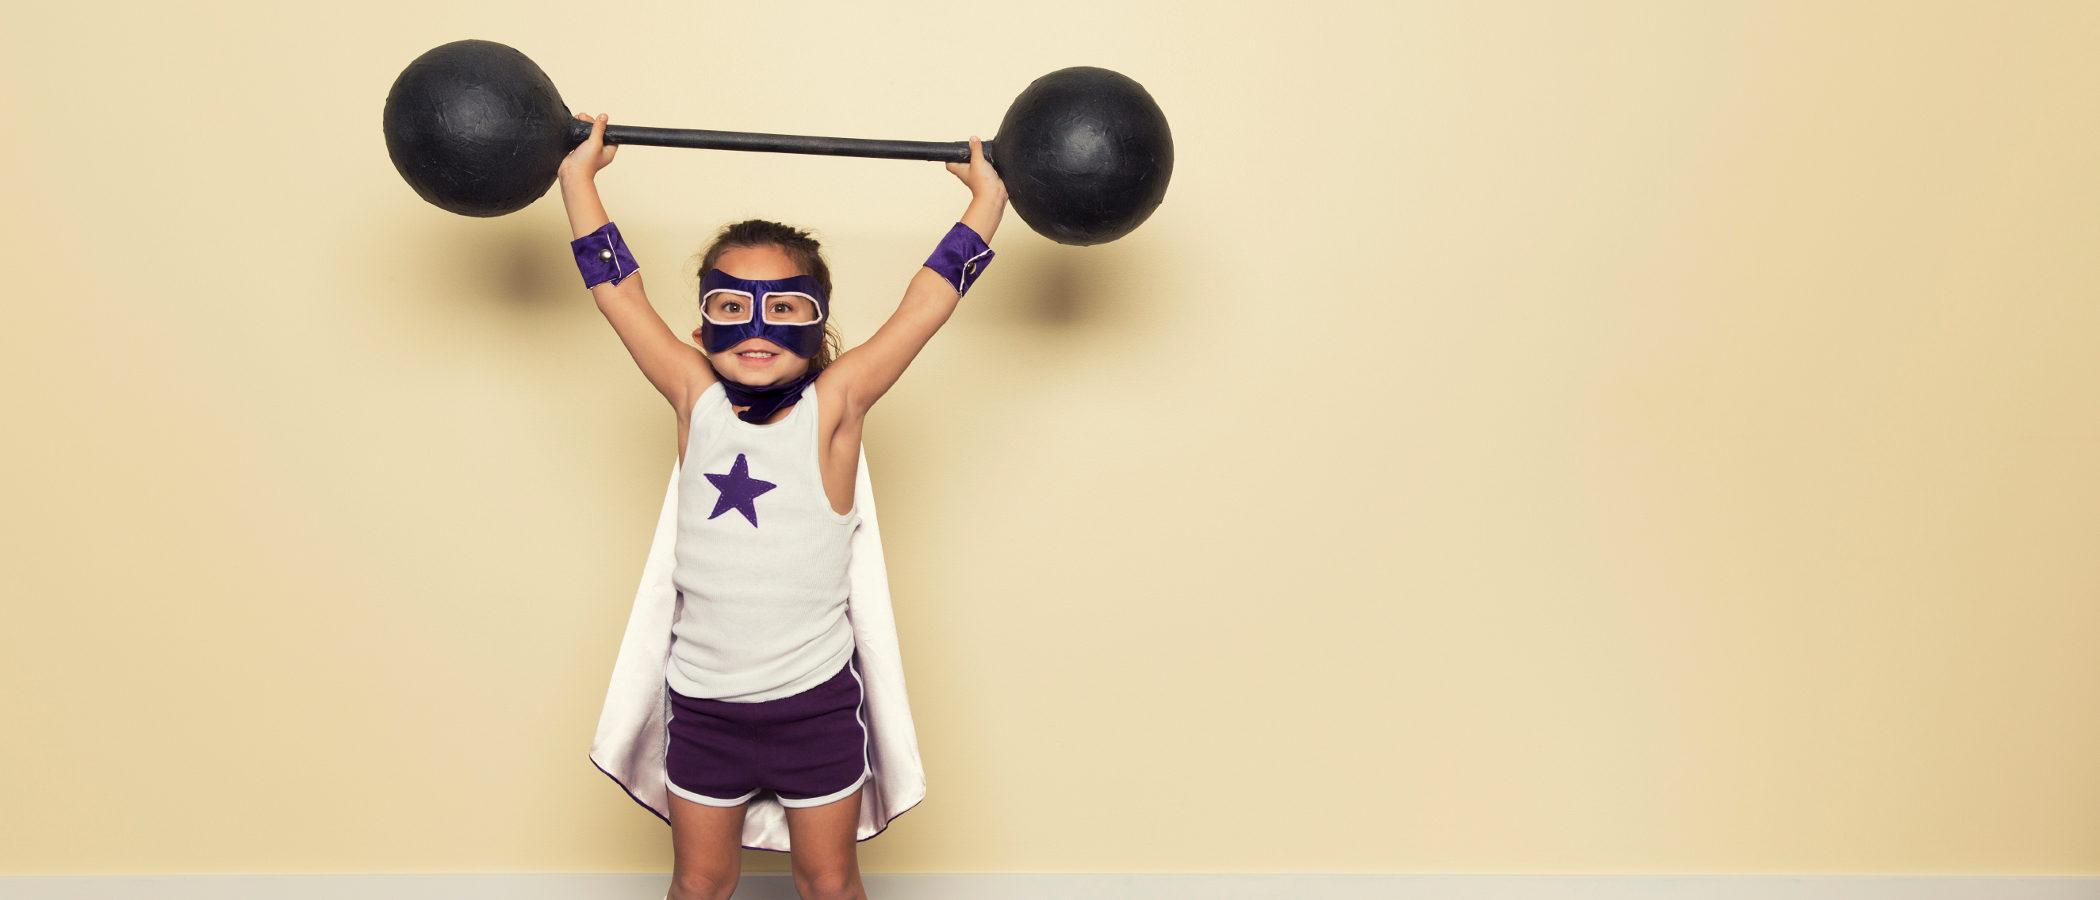 12 estrategias para enseñar el valor del esfuerzo a tus hijos